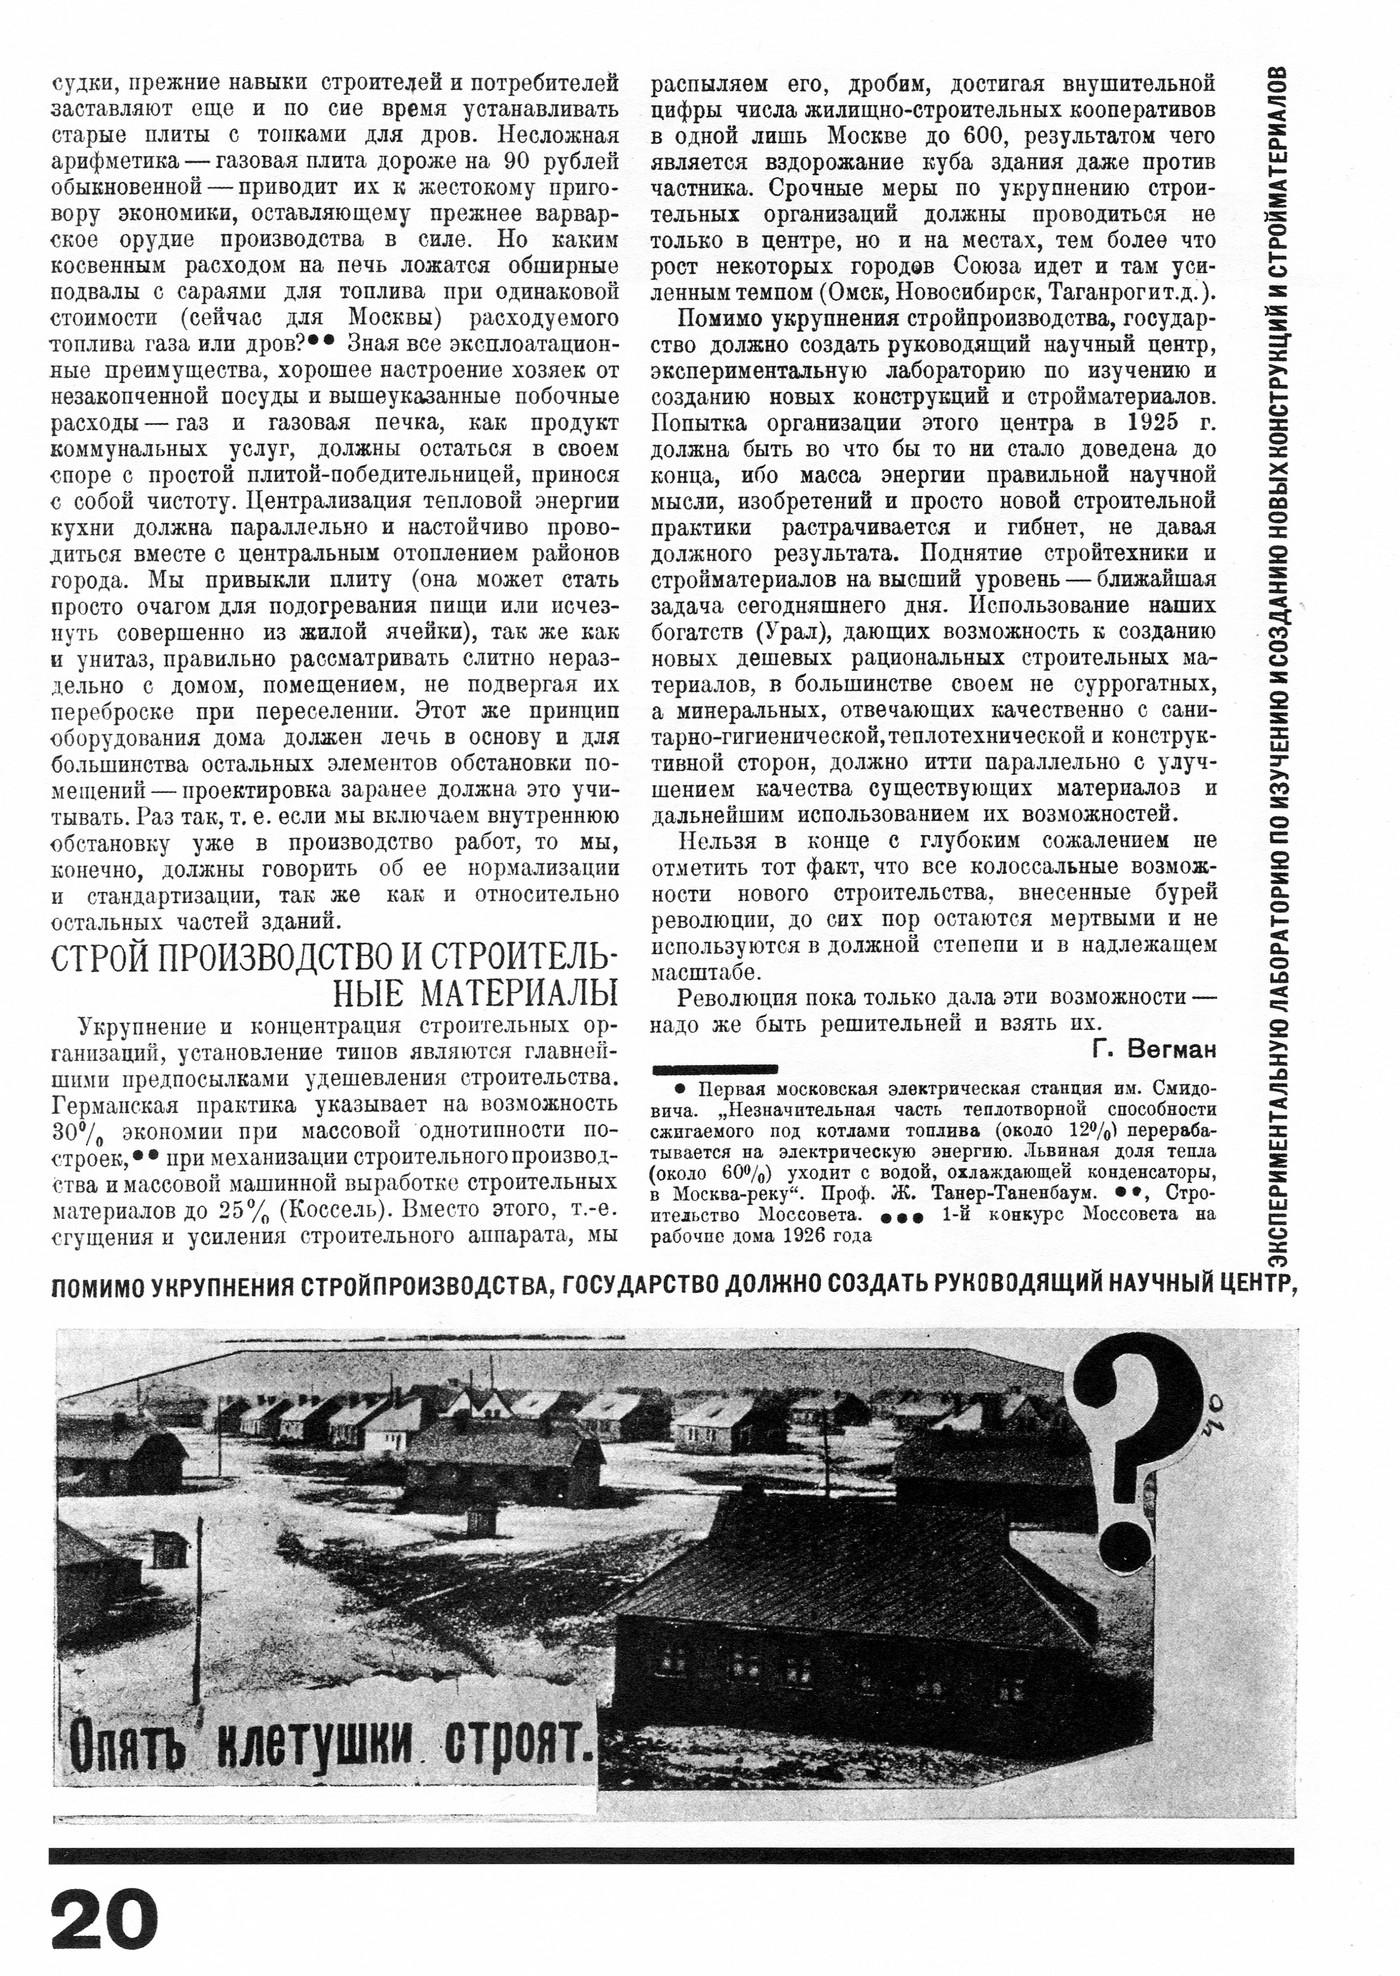 tehne.com-1927-1-024